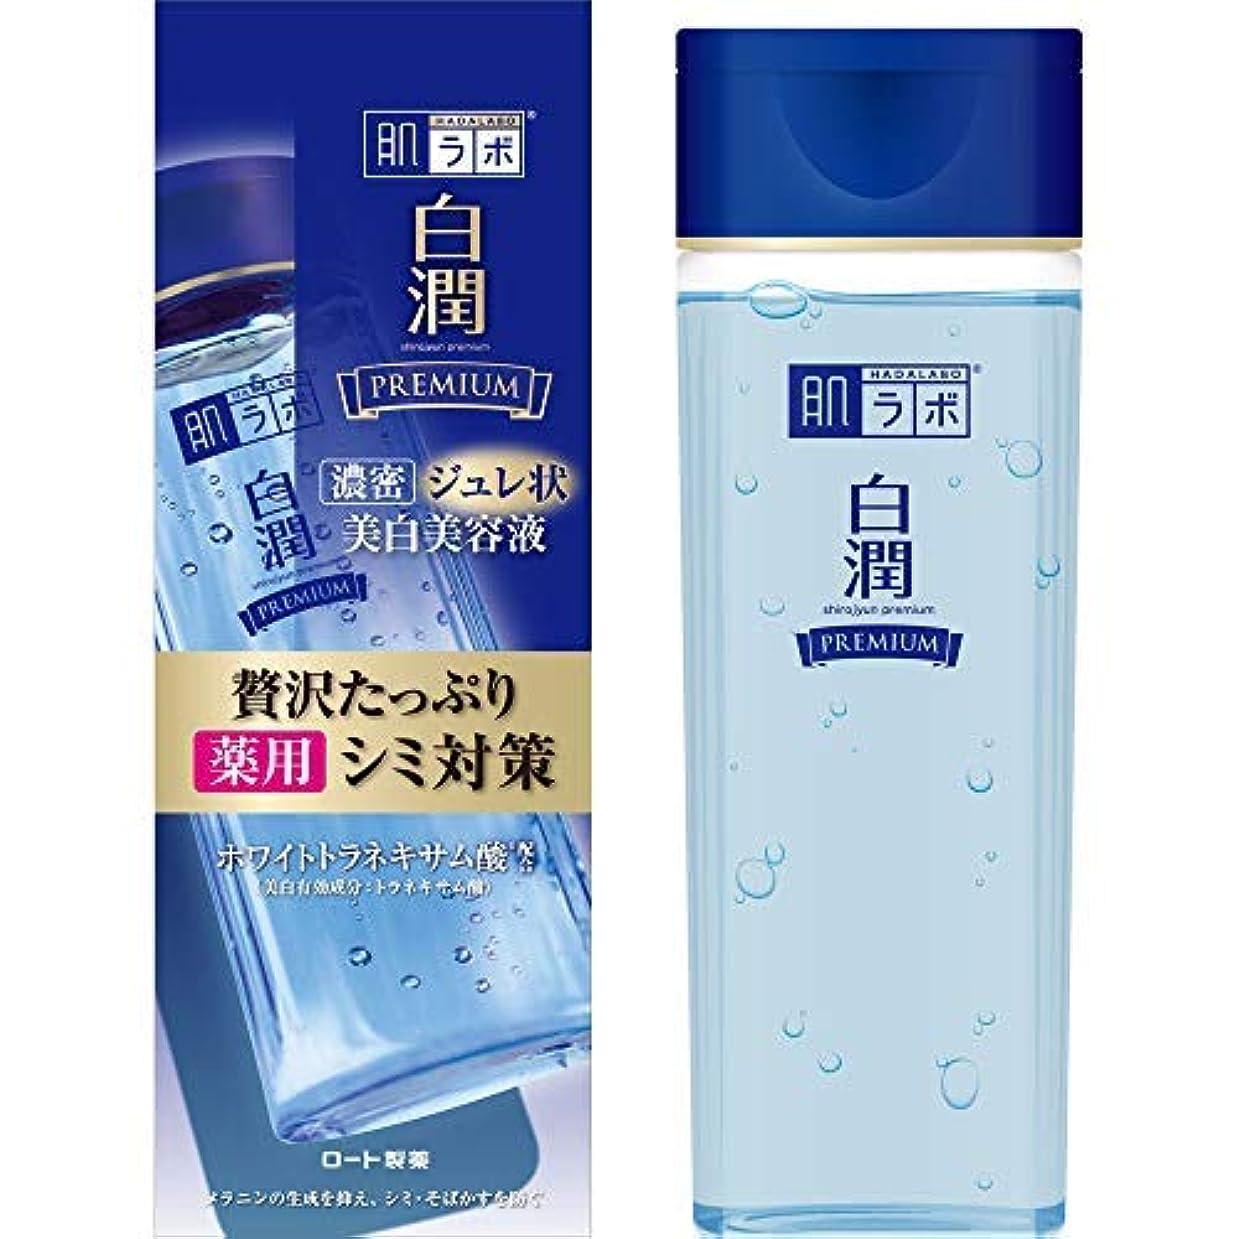 一瞬水勧告肌ラボ 白潤プレミアム 薬用ジュレ状美白美容液 × 2個セット